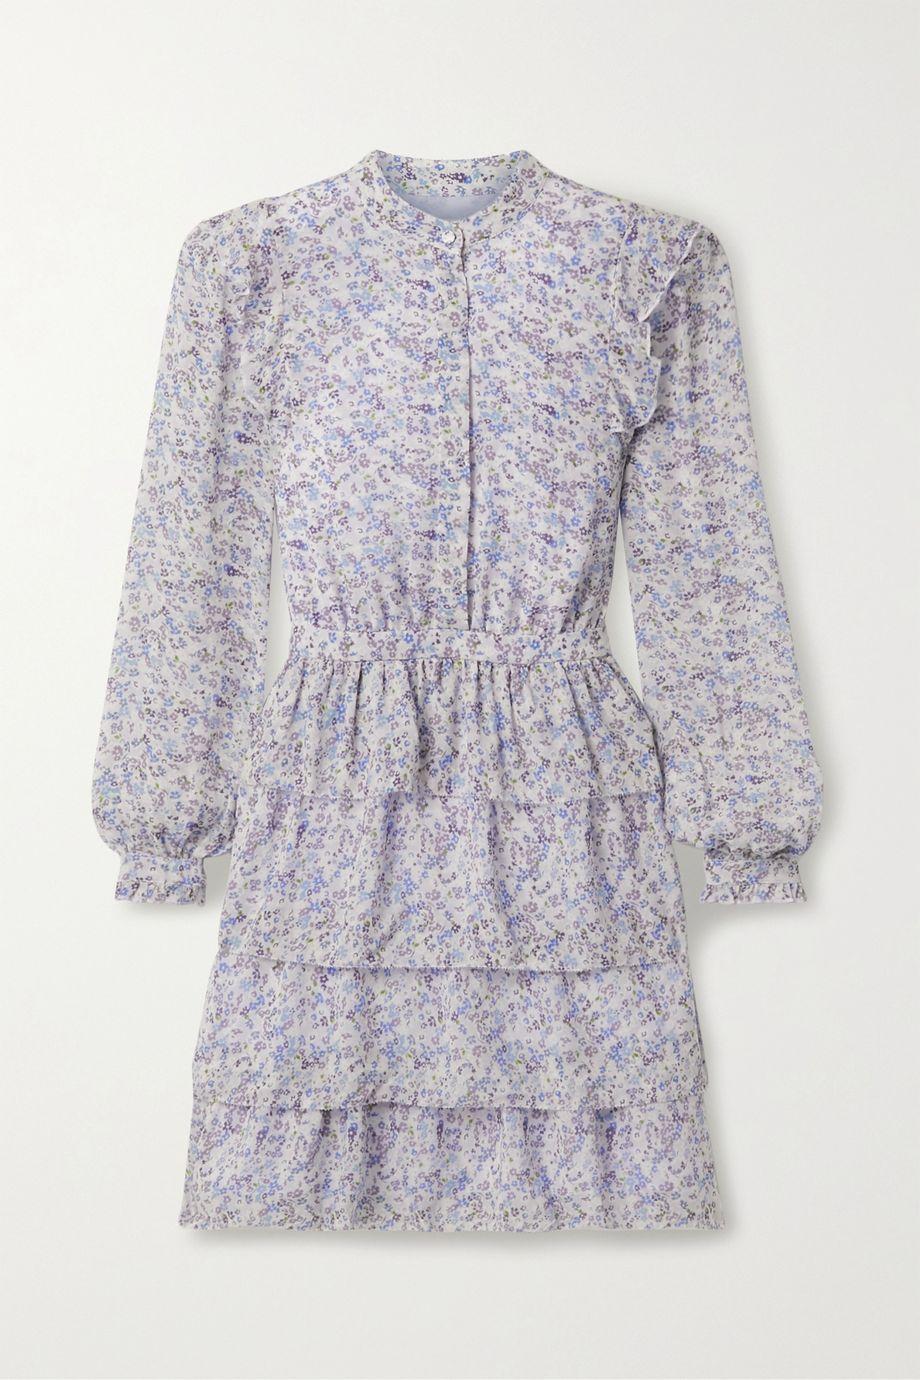 마이클 마이클 코어스 쉬폰 미니 원피스 Michael Michael Kors Tiered printed chiffon mini dress,Lilac